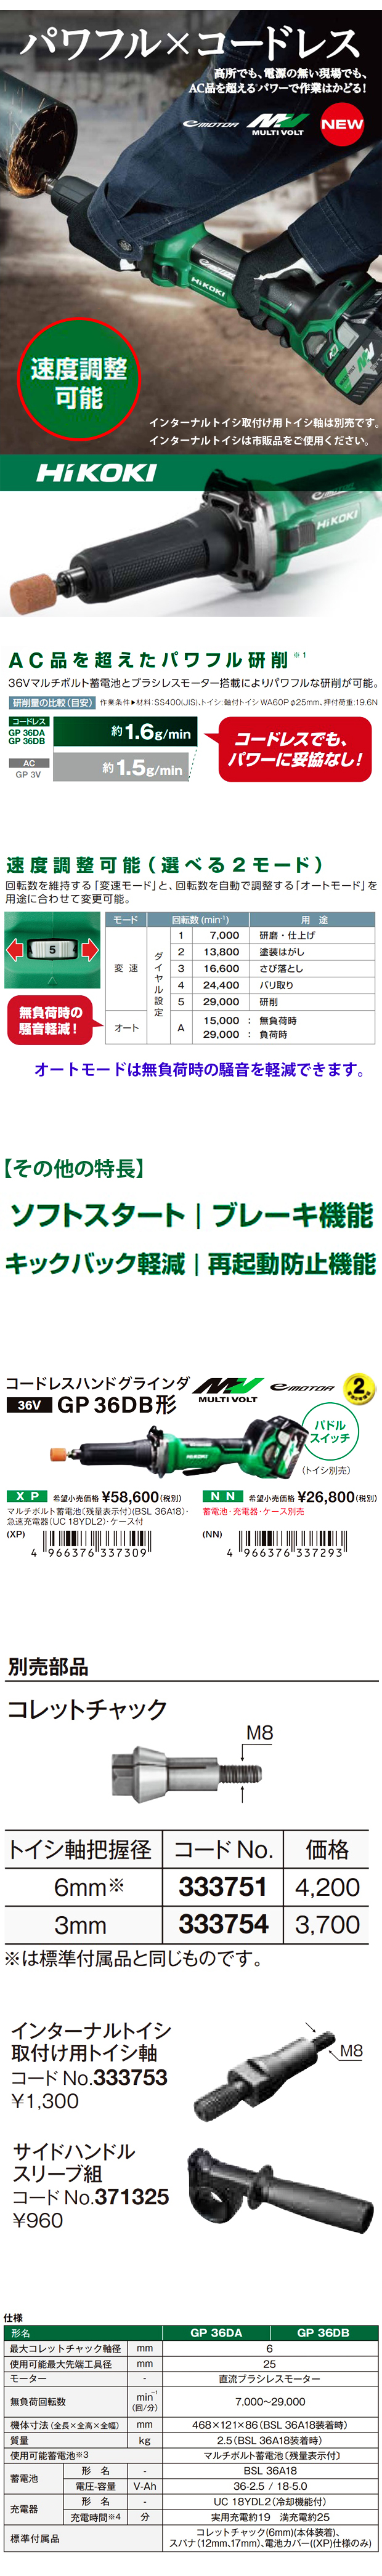 HiKOKI マルチボルト(36V)コードレスハンドグラインダ GP36DB